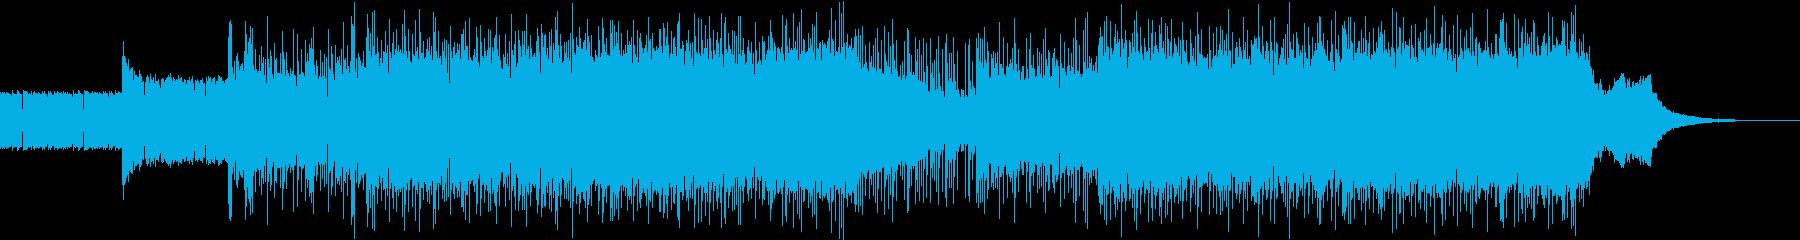 激しいツインバスのヘビーメタル唸るギターの再生済みの波形